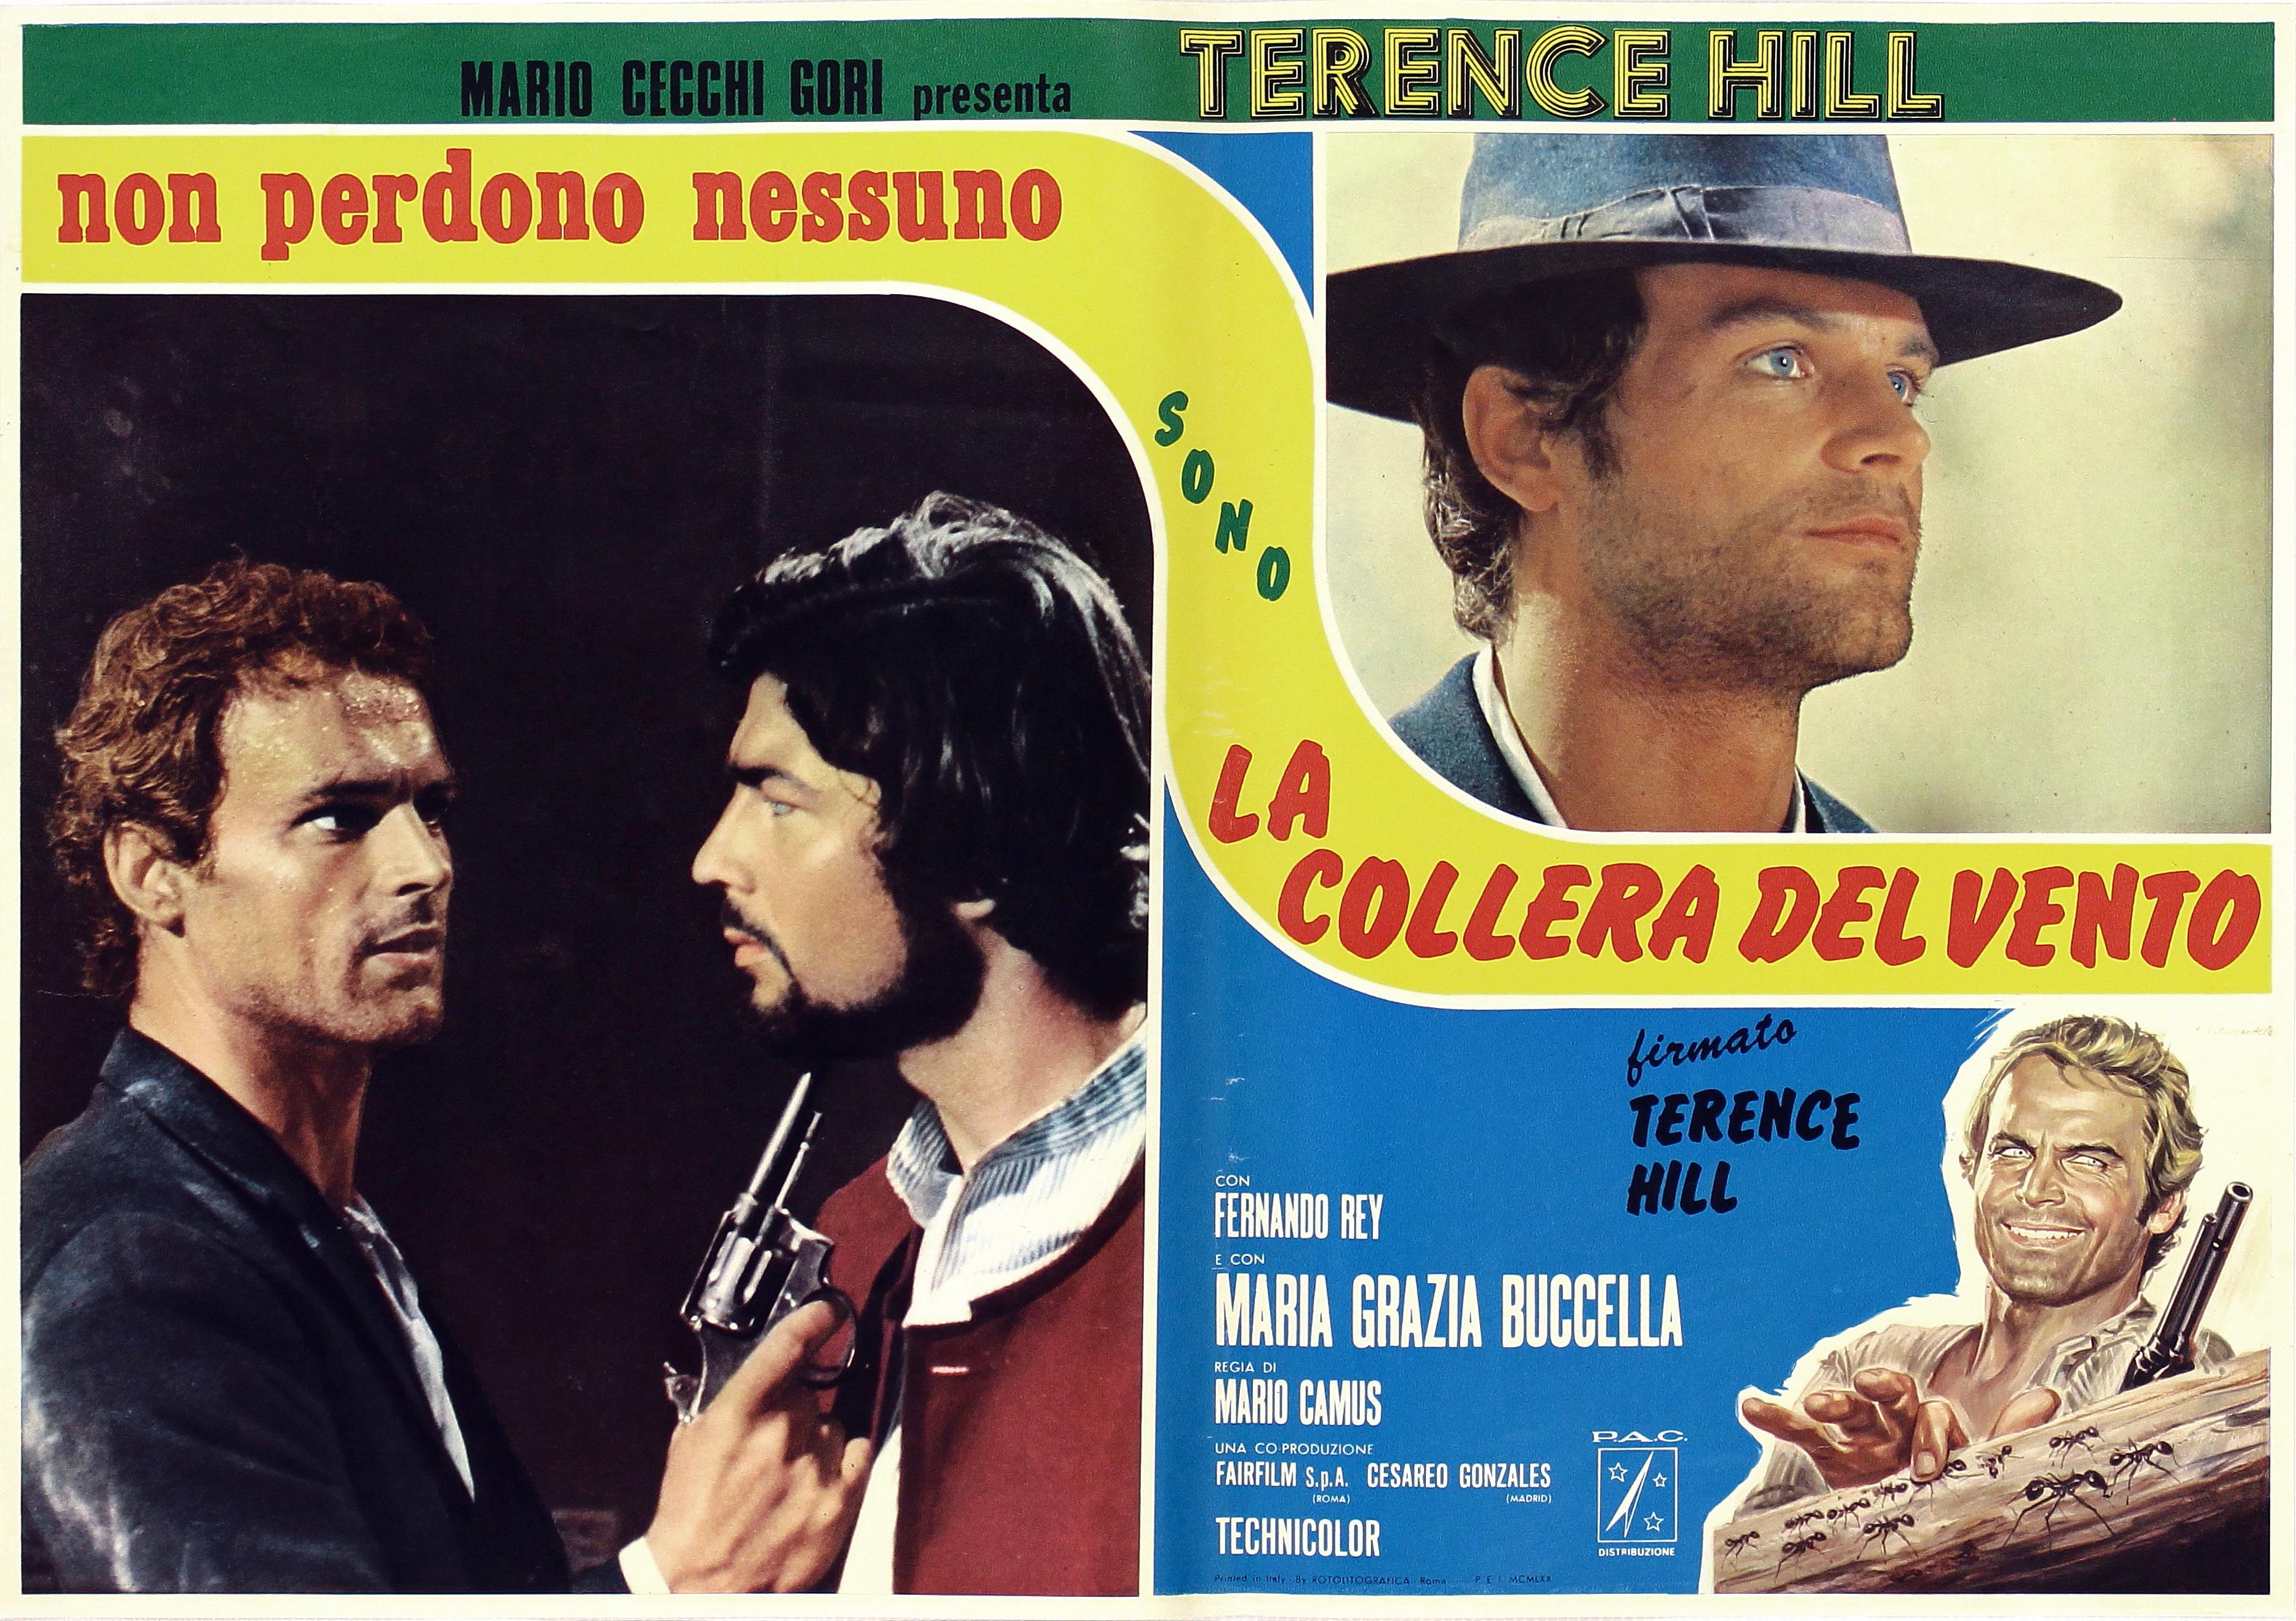 Terence Hill in La collera del vento (1970)